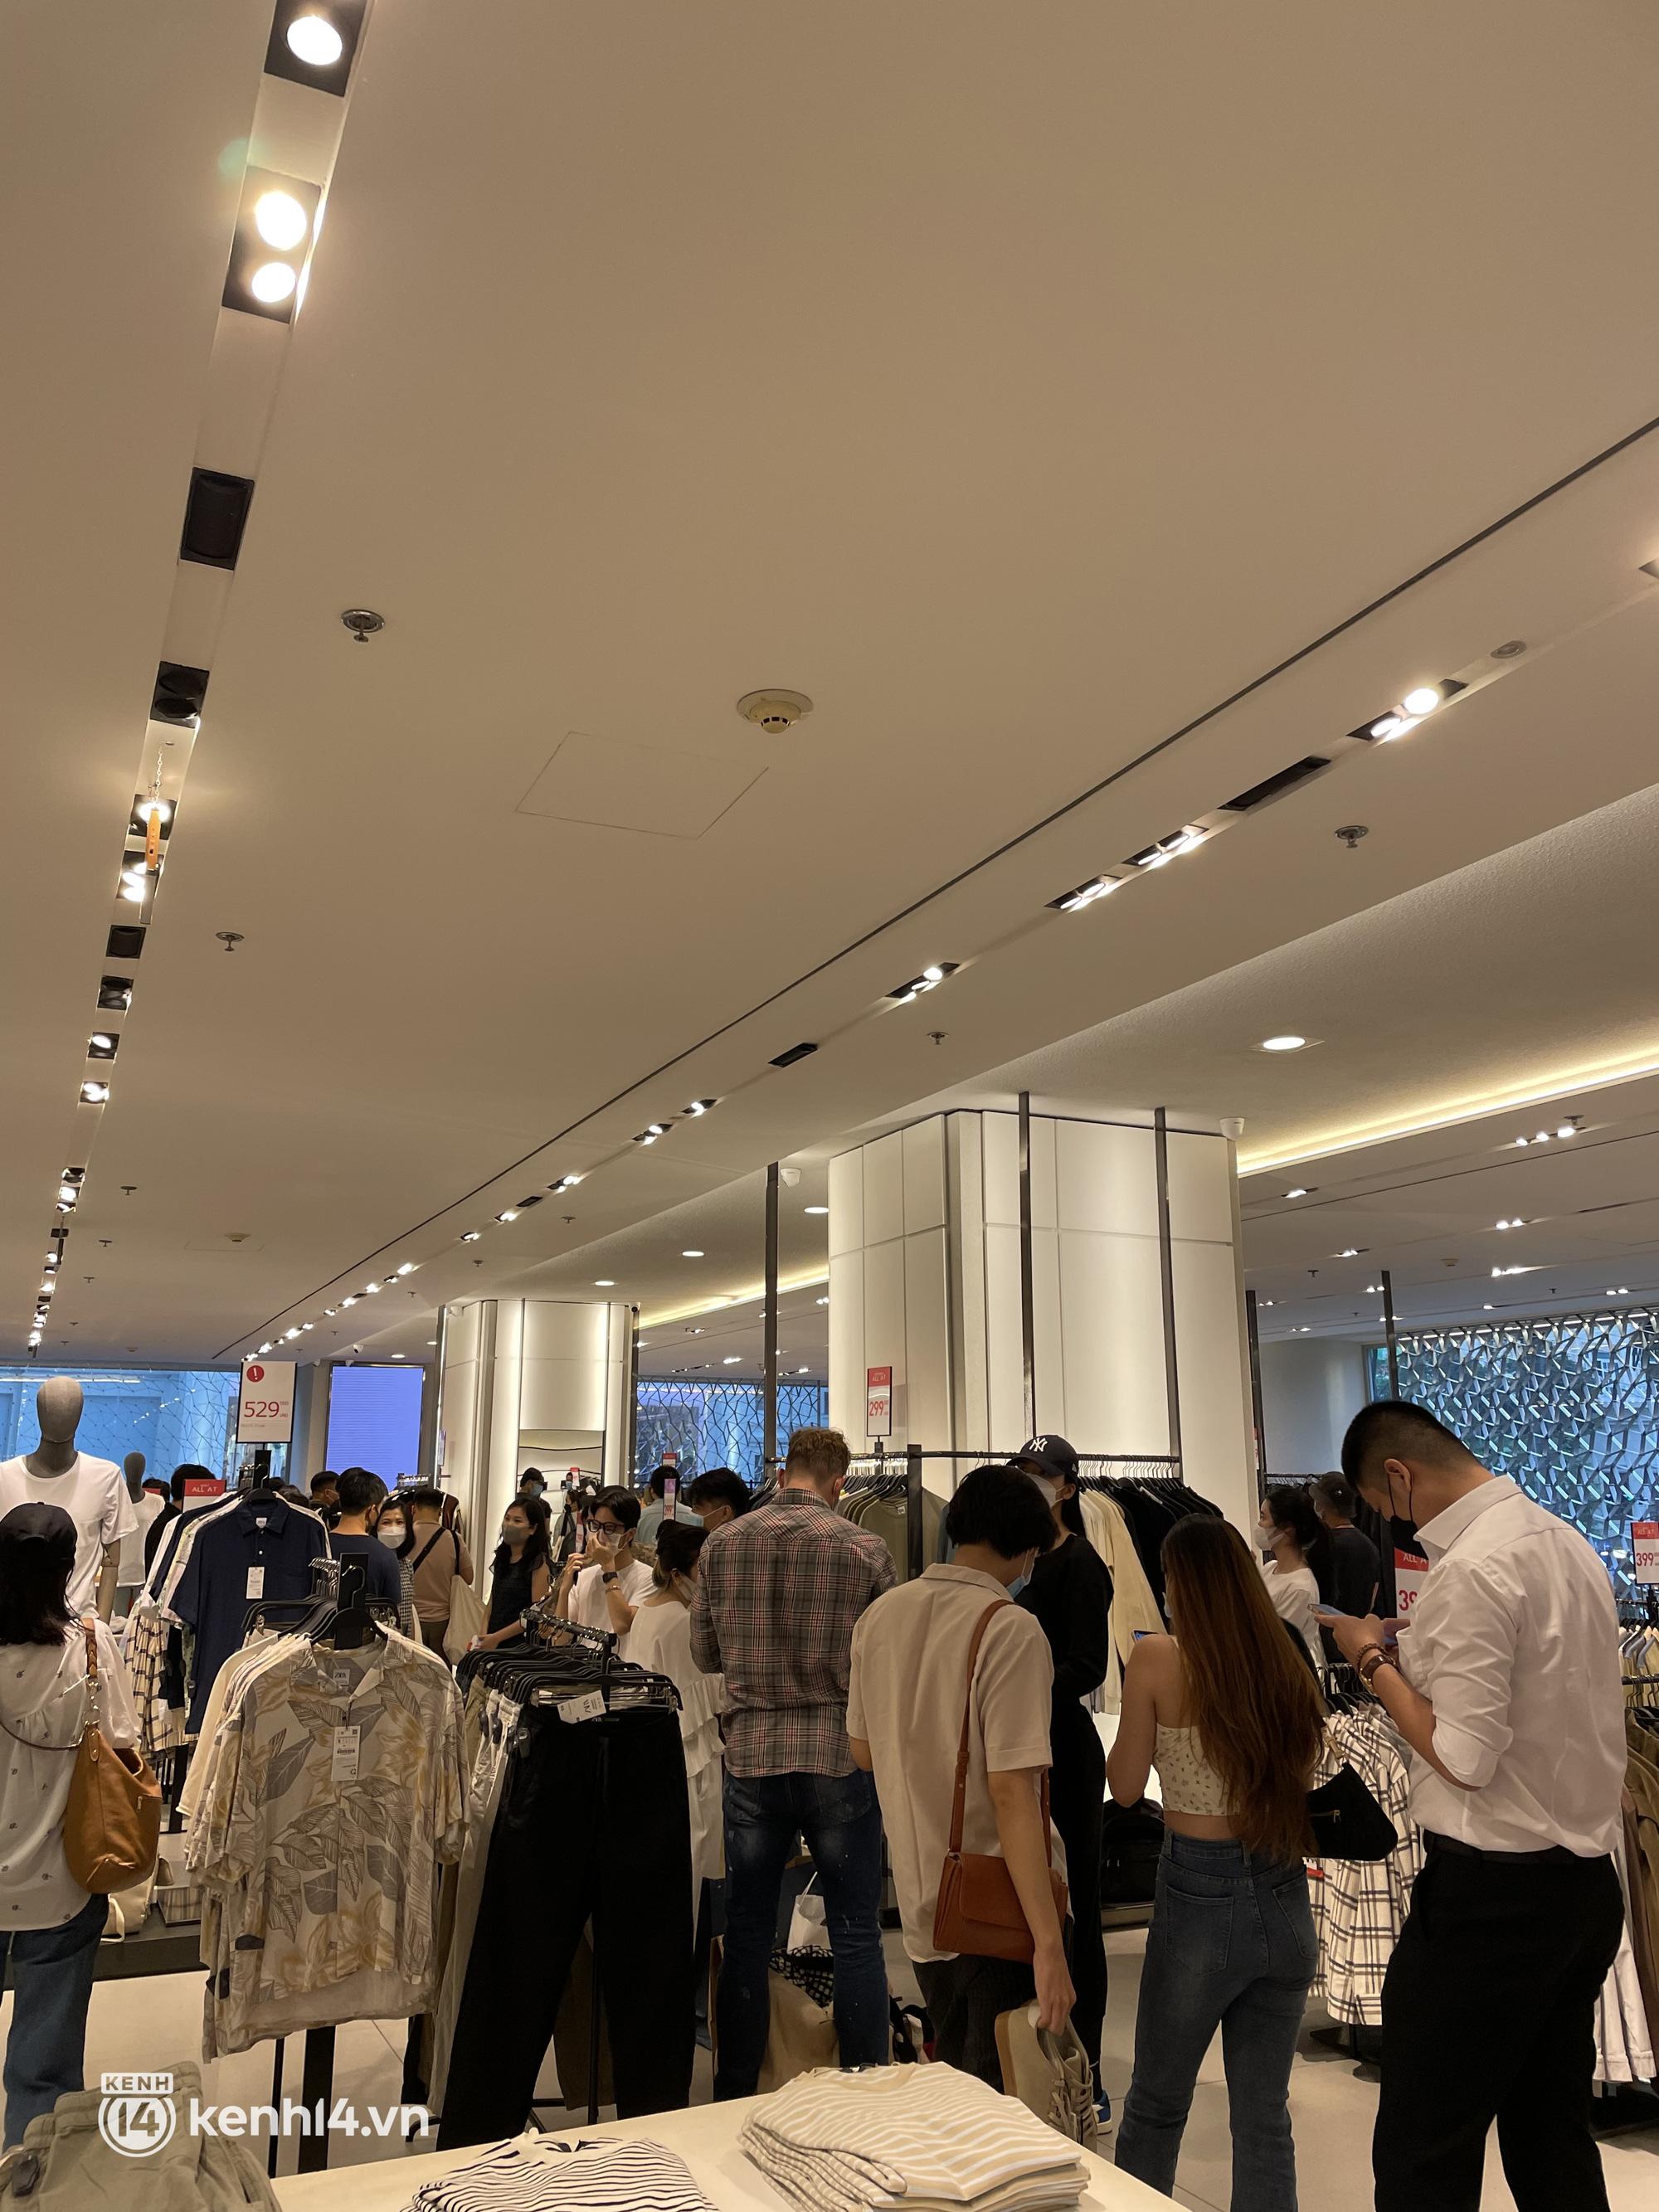 Sài Gòn: Dân tình mua sắm phục thù, xếp hàng dài mua cả bao tải đồ sale, có người chờ không nổi đành bỏ ngang ra về - Ảnh 2.